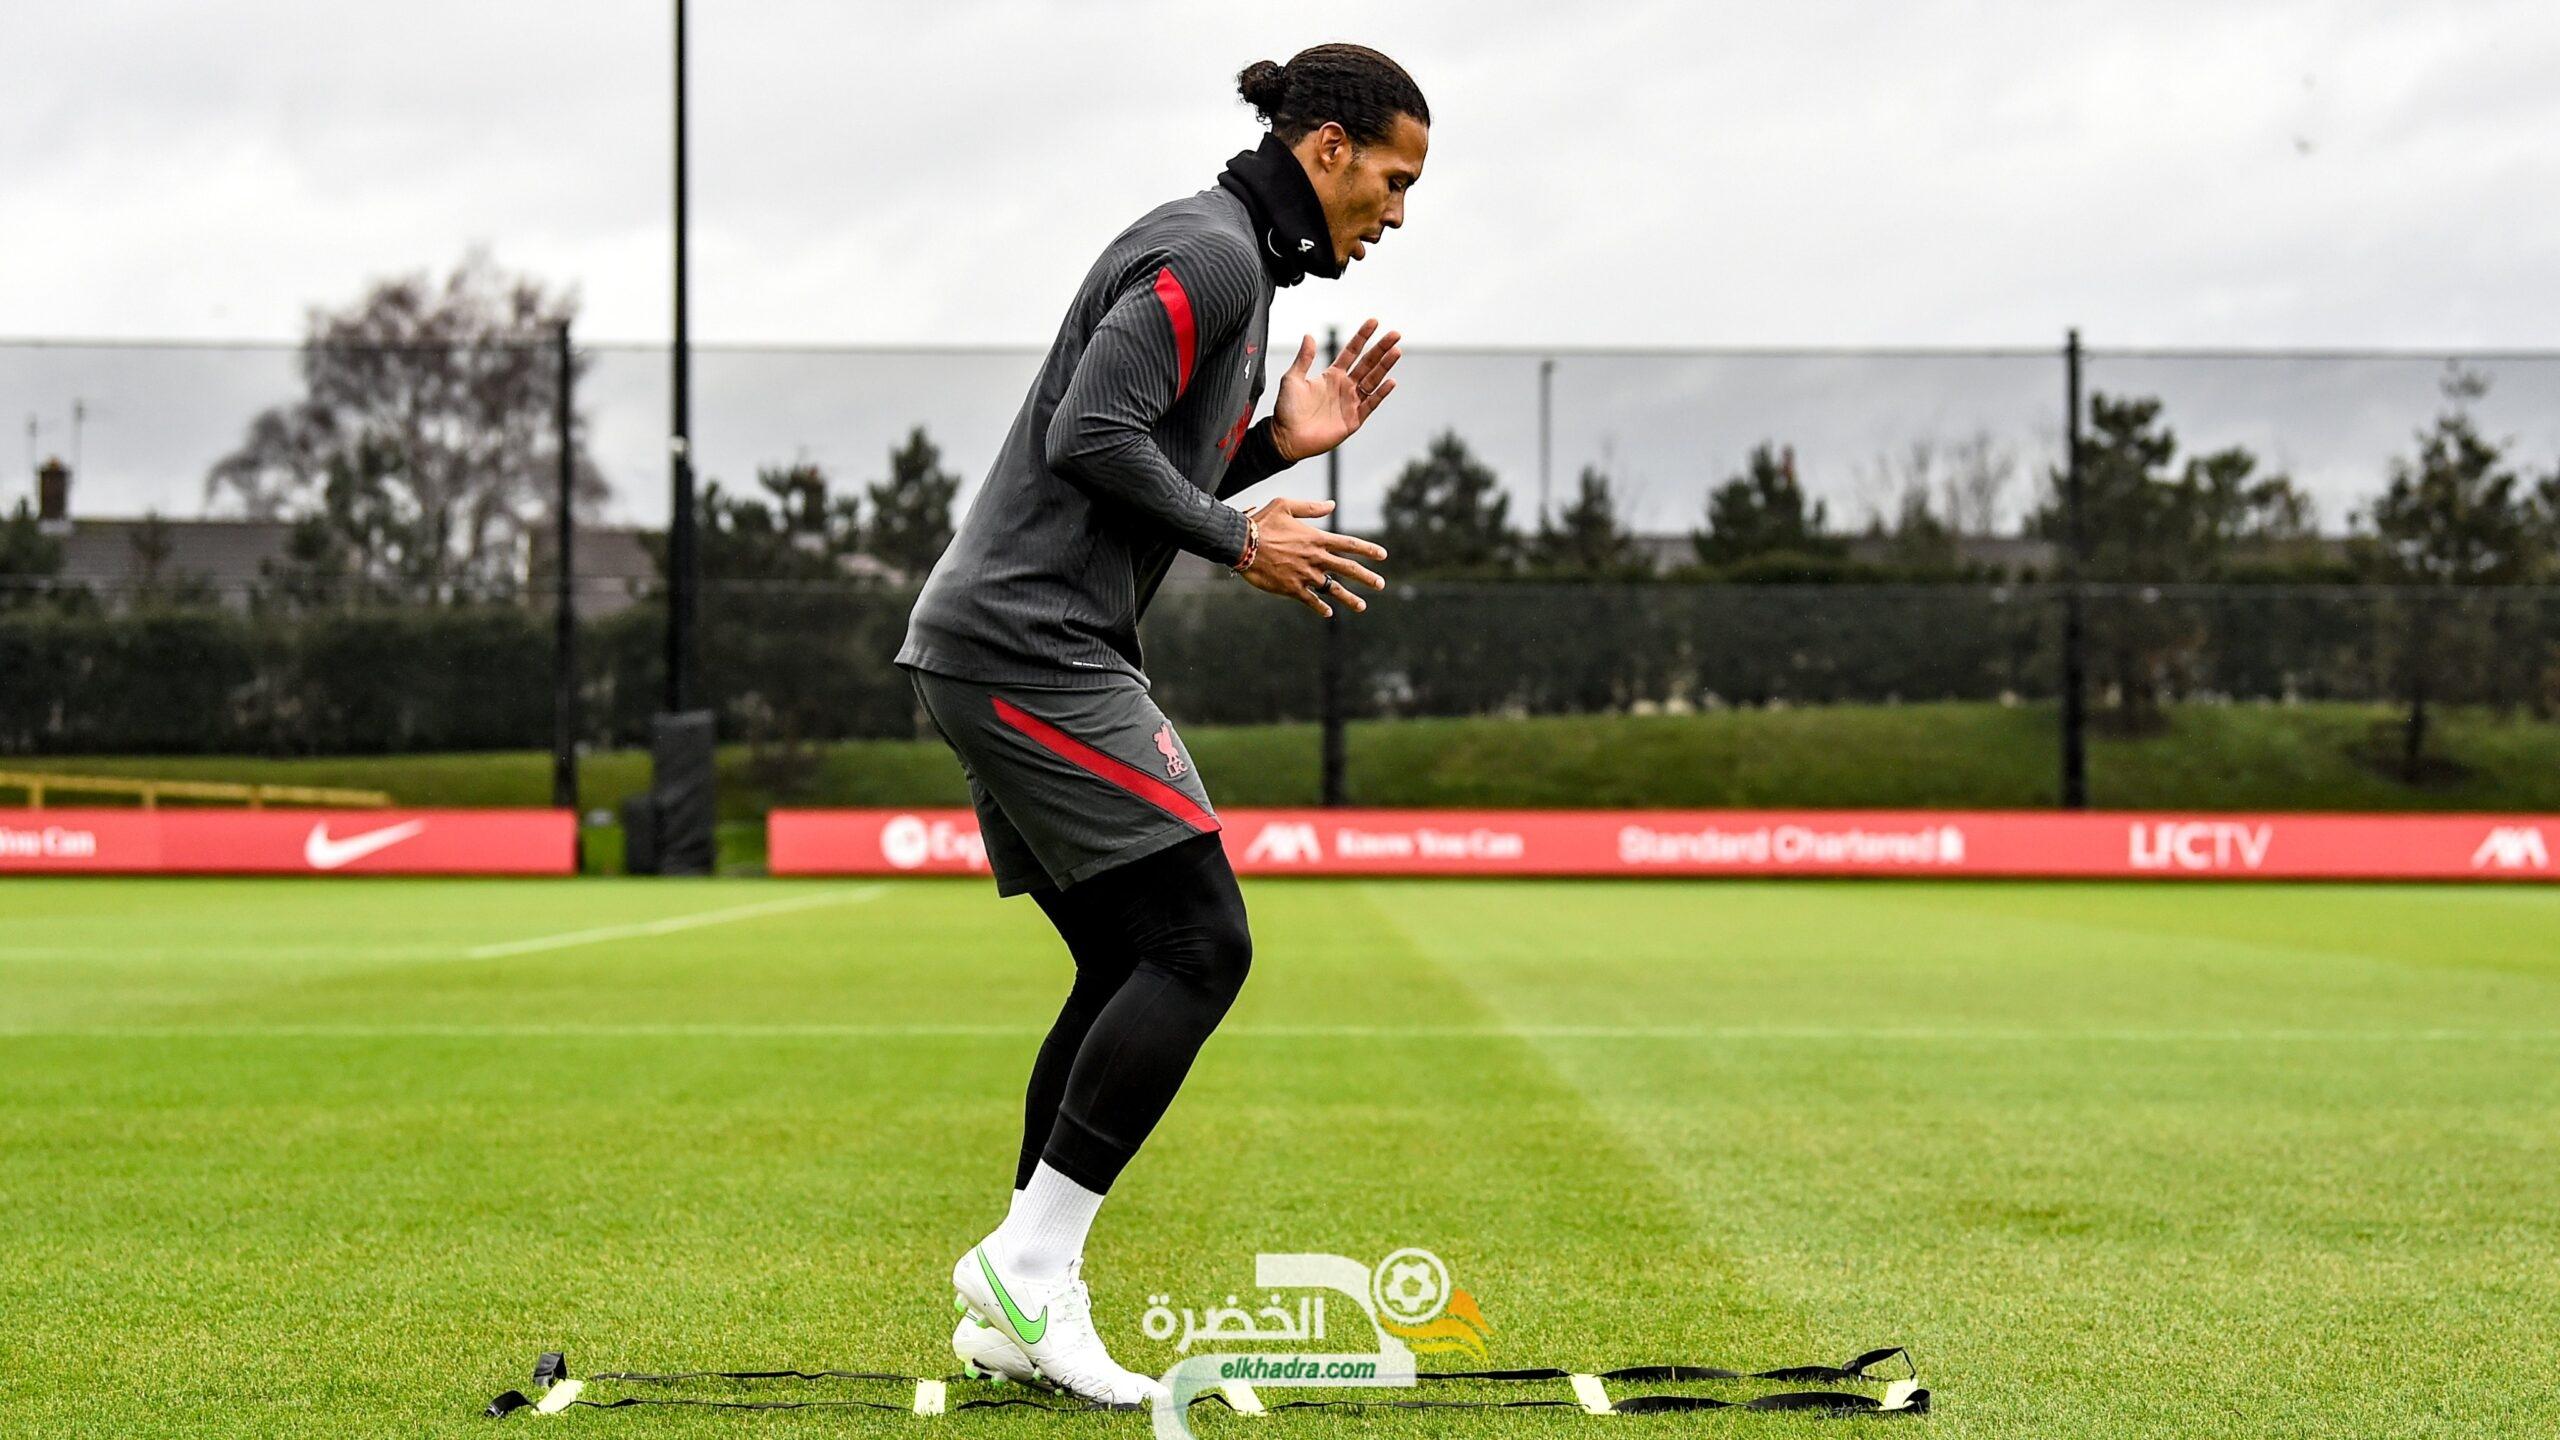 بالصور .. فيرجيل فان دايك يعود لتدريبات نادي ليفربول 25